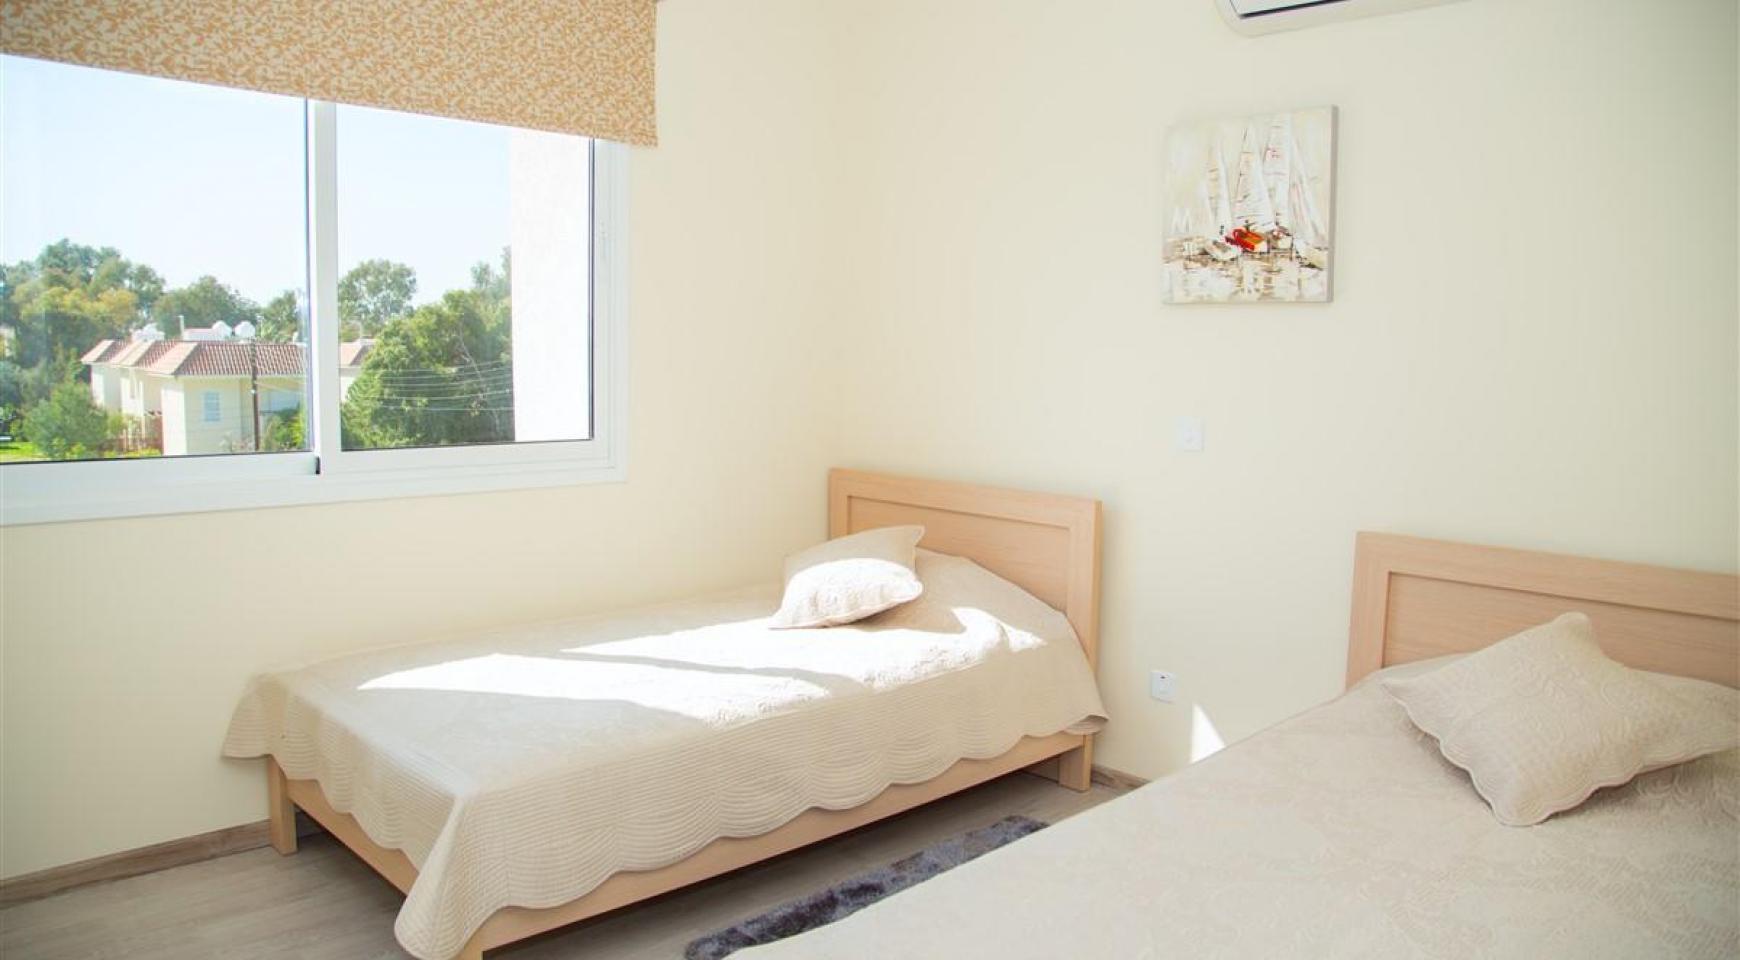 Μοντέρνο διαμέρισμα 2 υπνοδωματίων στην περιοχή Ποταμός Γερμασόγειας - 11